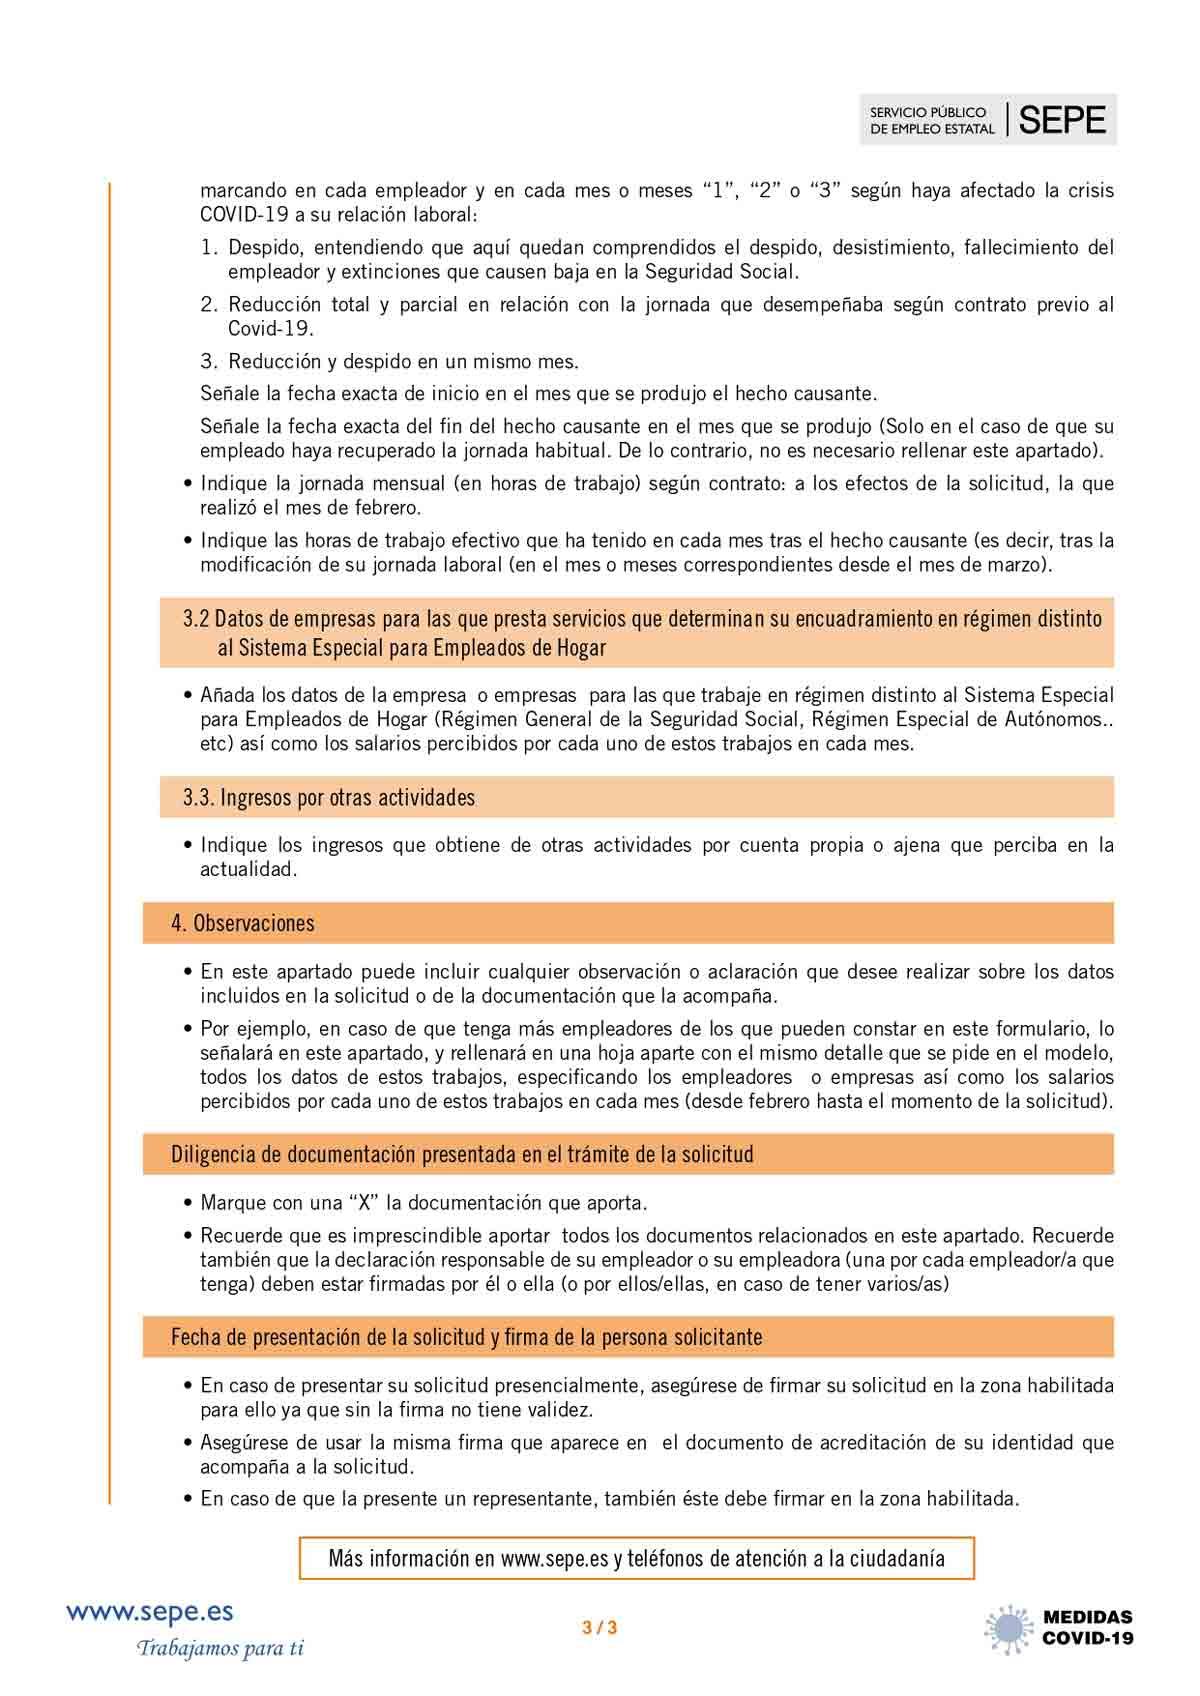 Instrucciones solicitud subsidio página 3